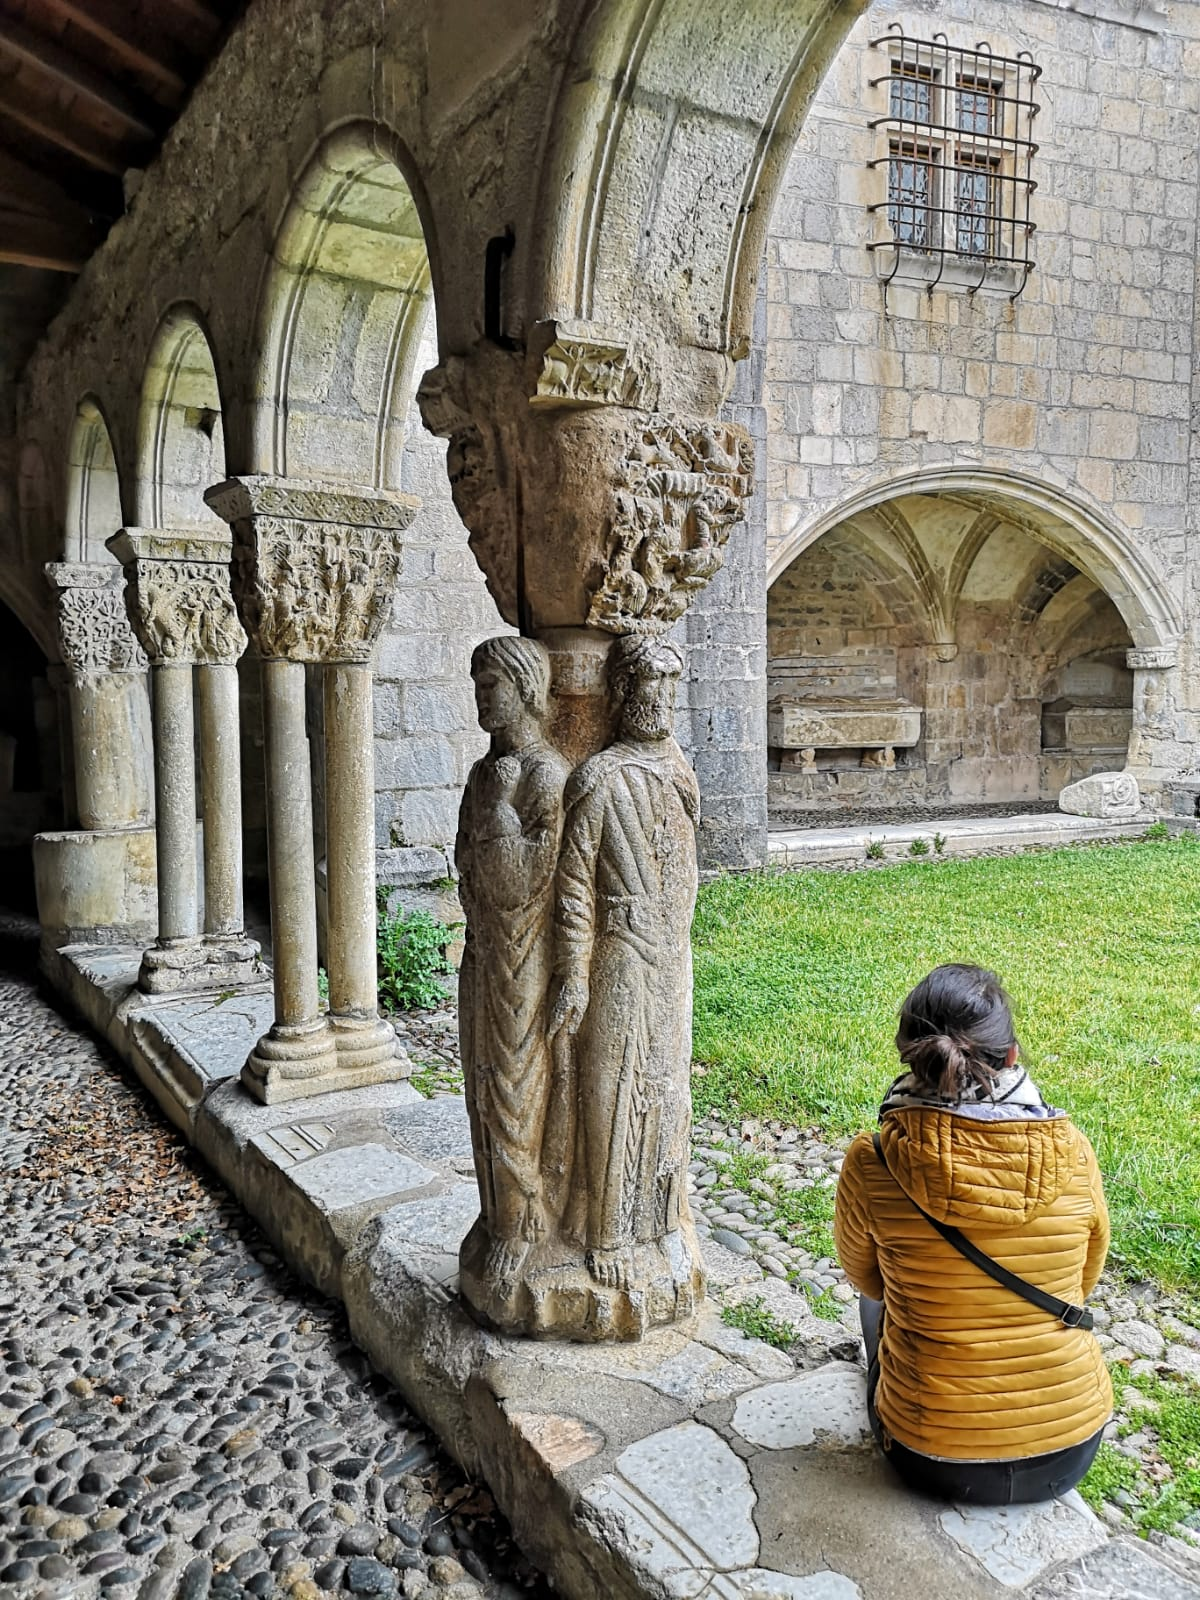 visiter le cloître de la cathédrale Saint-Bertrand-de-Comminges